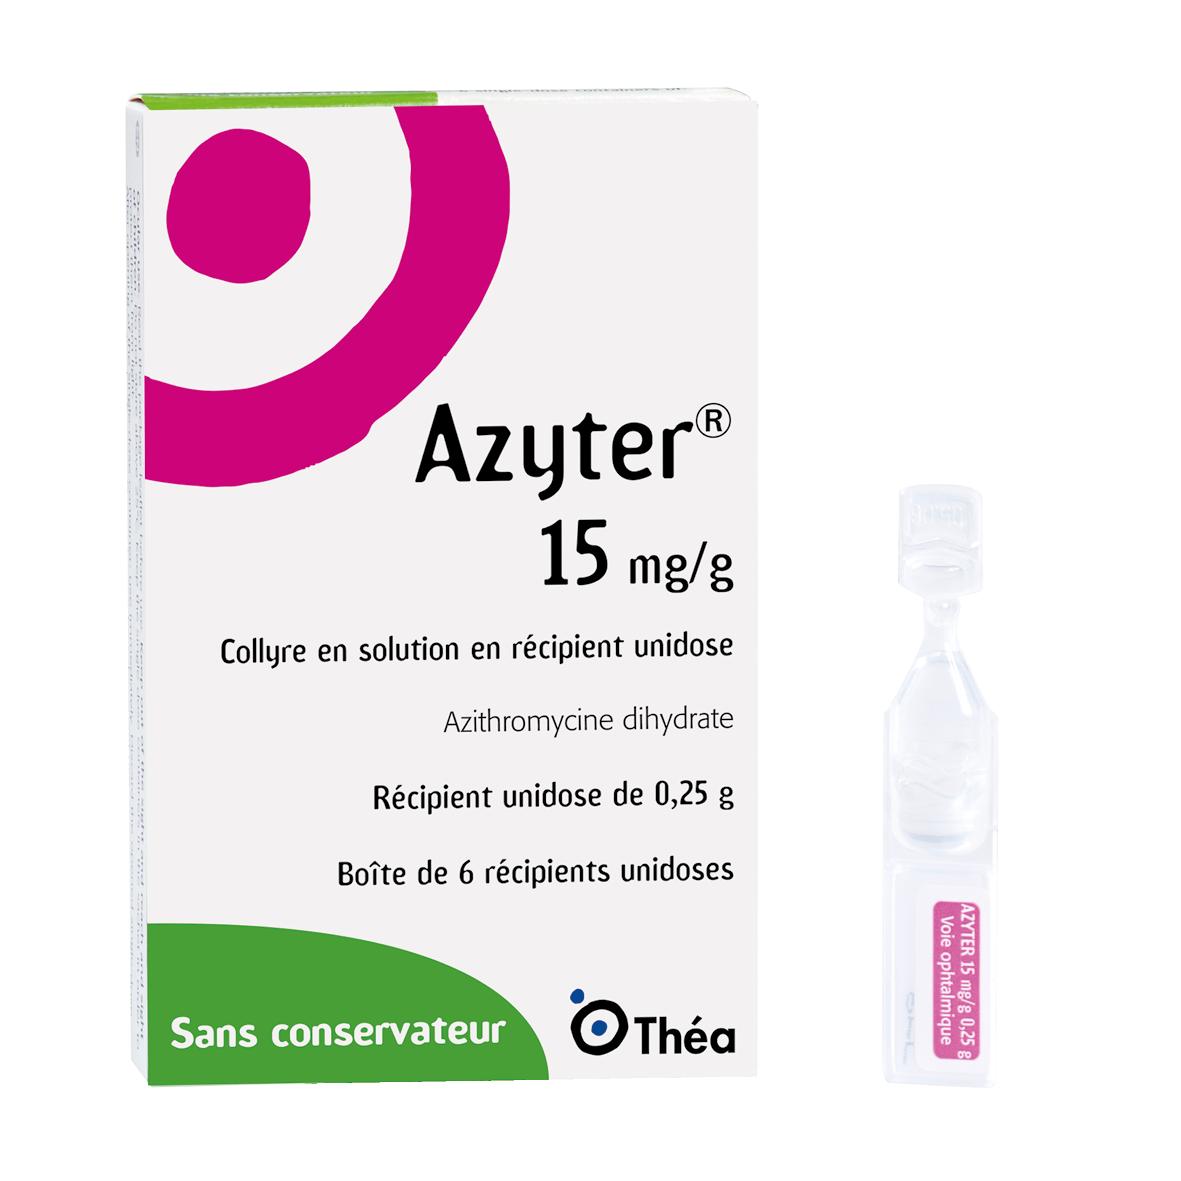 AZYTER® 6 UNIDOSES Image